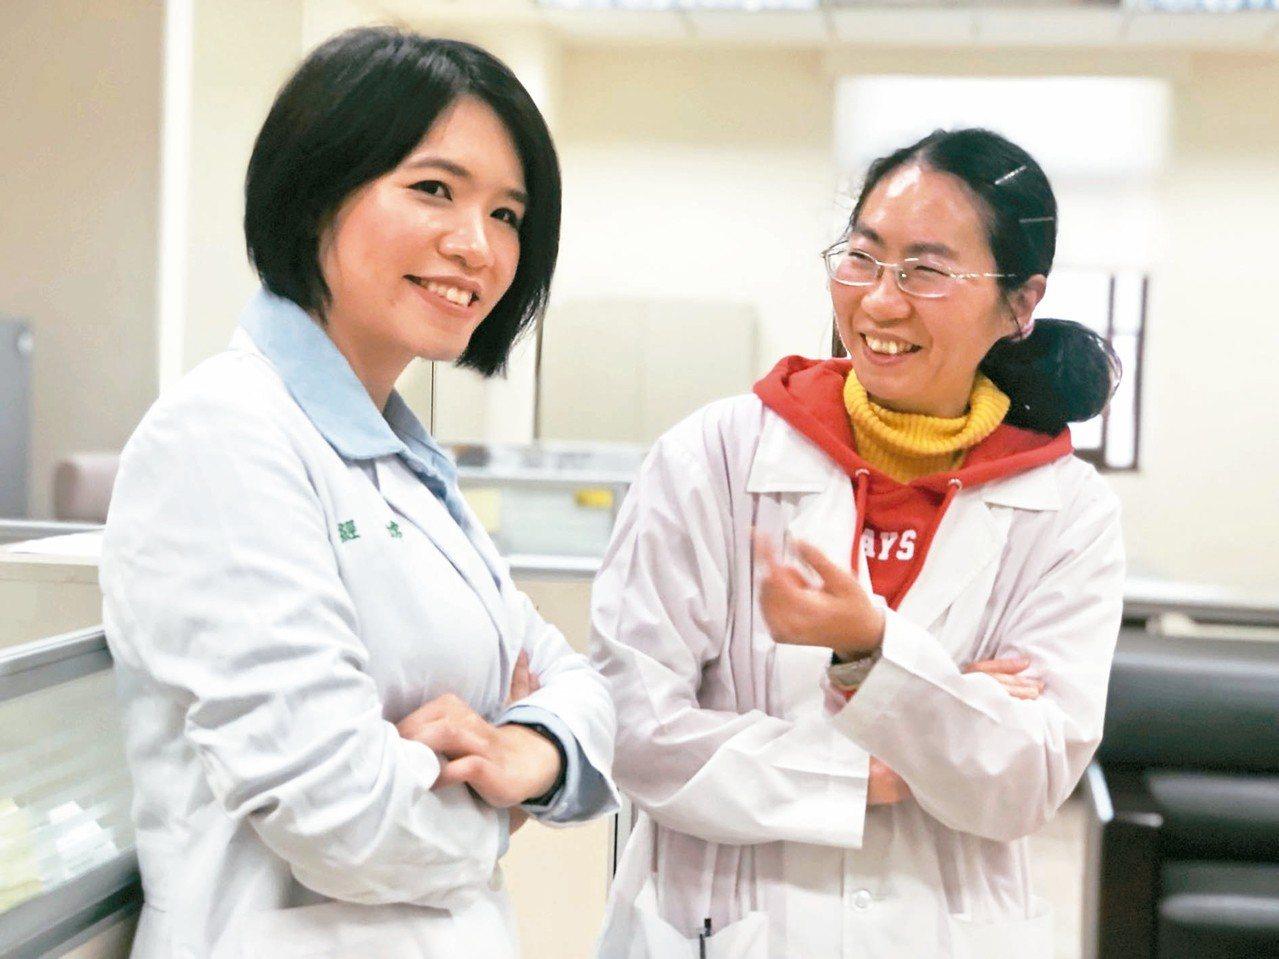 嘉義地檢署兩名法醫都是女生,經嫦(左)、楊婉玲是台大法醫研究所的學妹、學姊。 記...